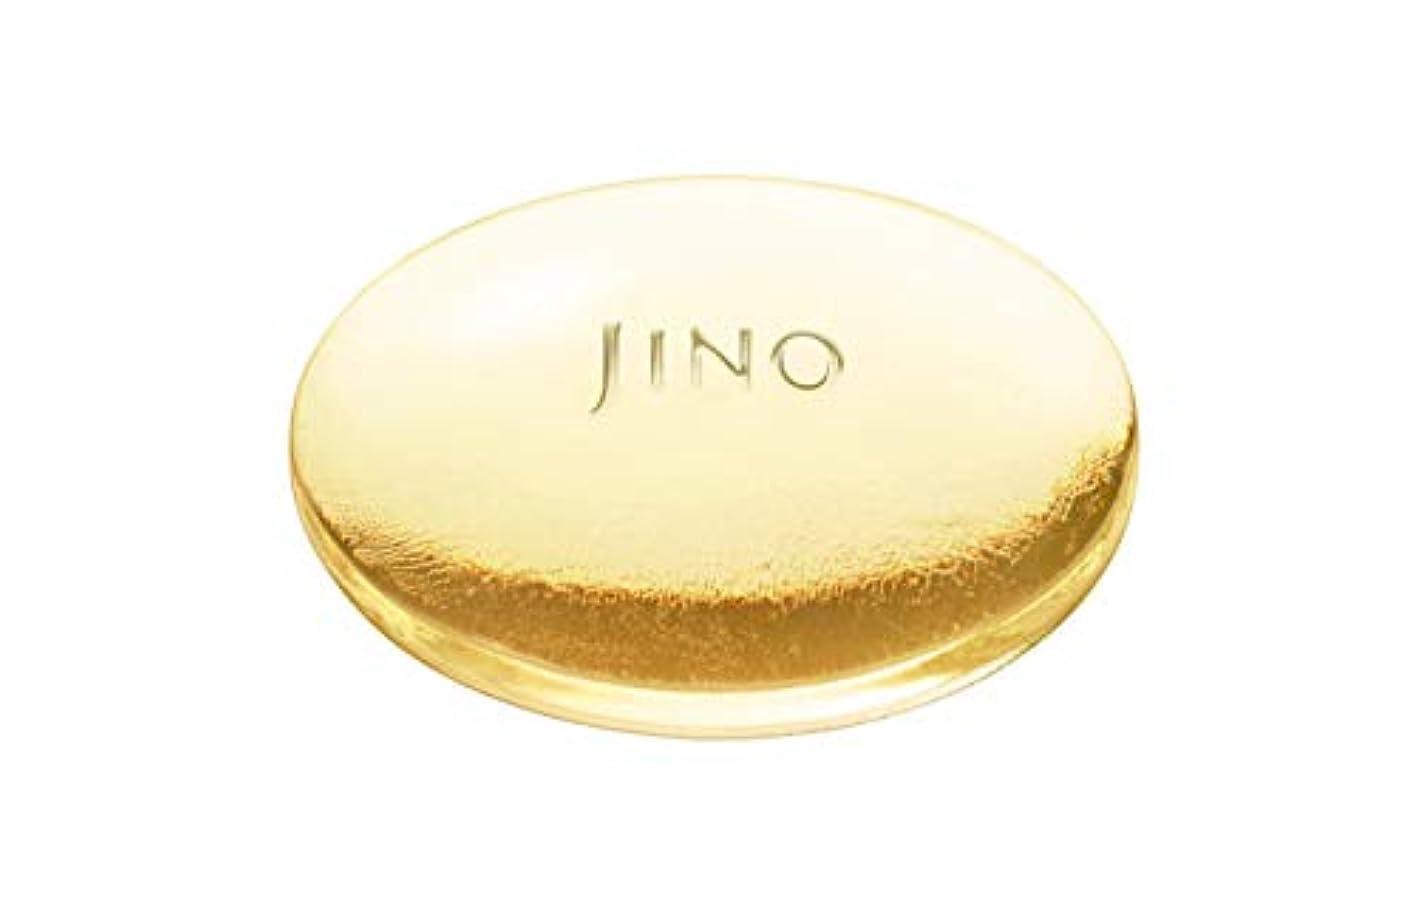 賞賛するおびえた泣いているJINO(ジーノ) アミノ モイスト クリアソープ 100g 洗顔料 -保湿?アミノ酸系洗浄?敏感肌?毛穴ケア-